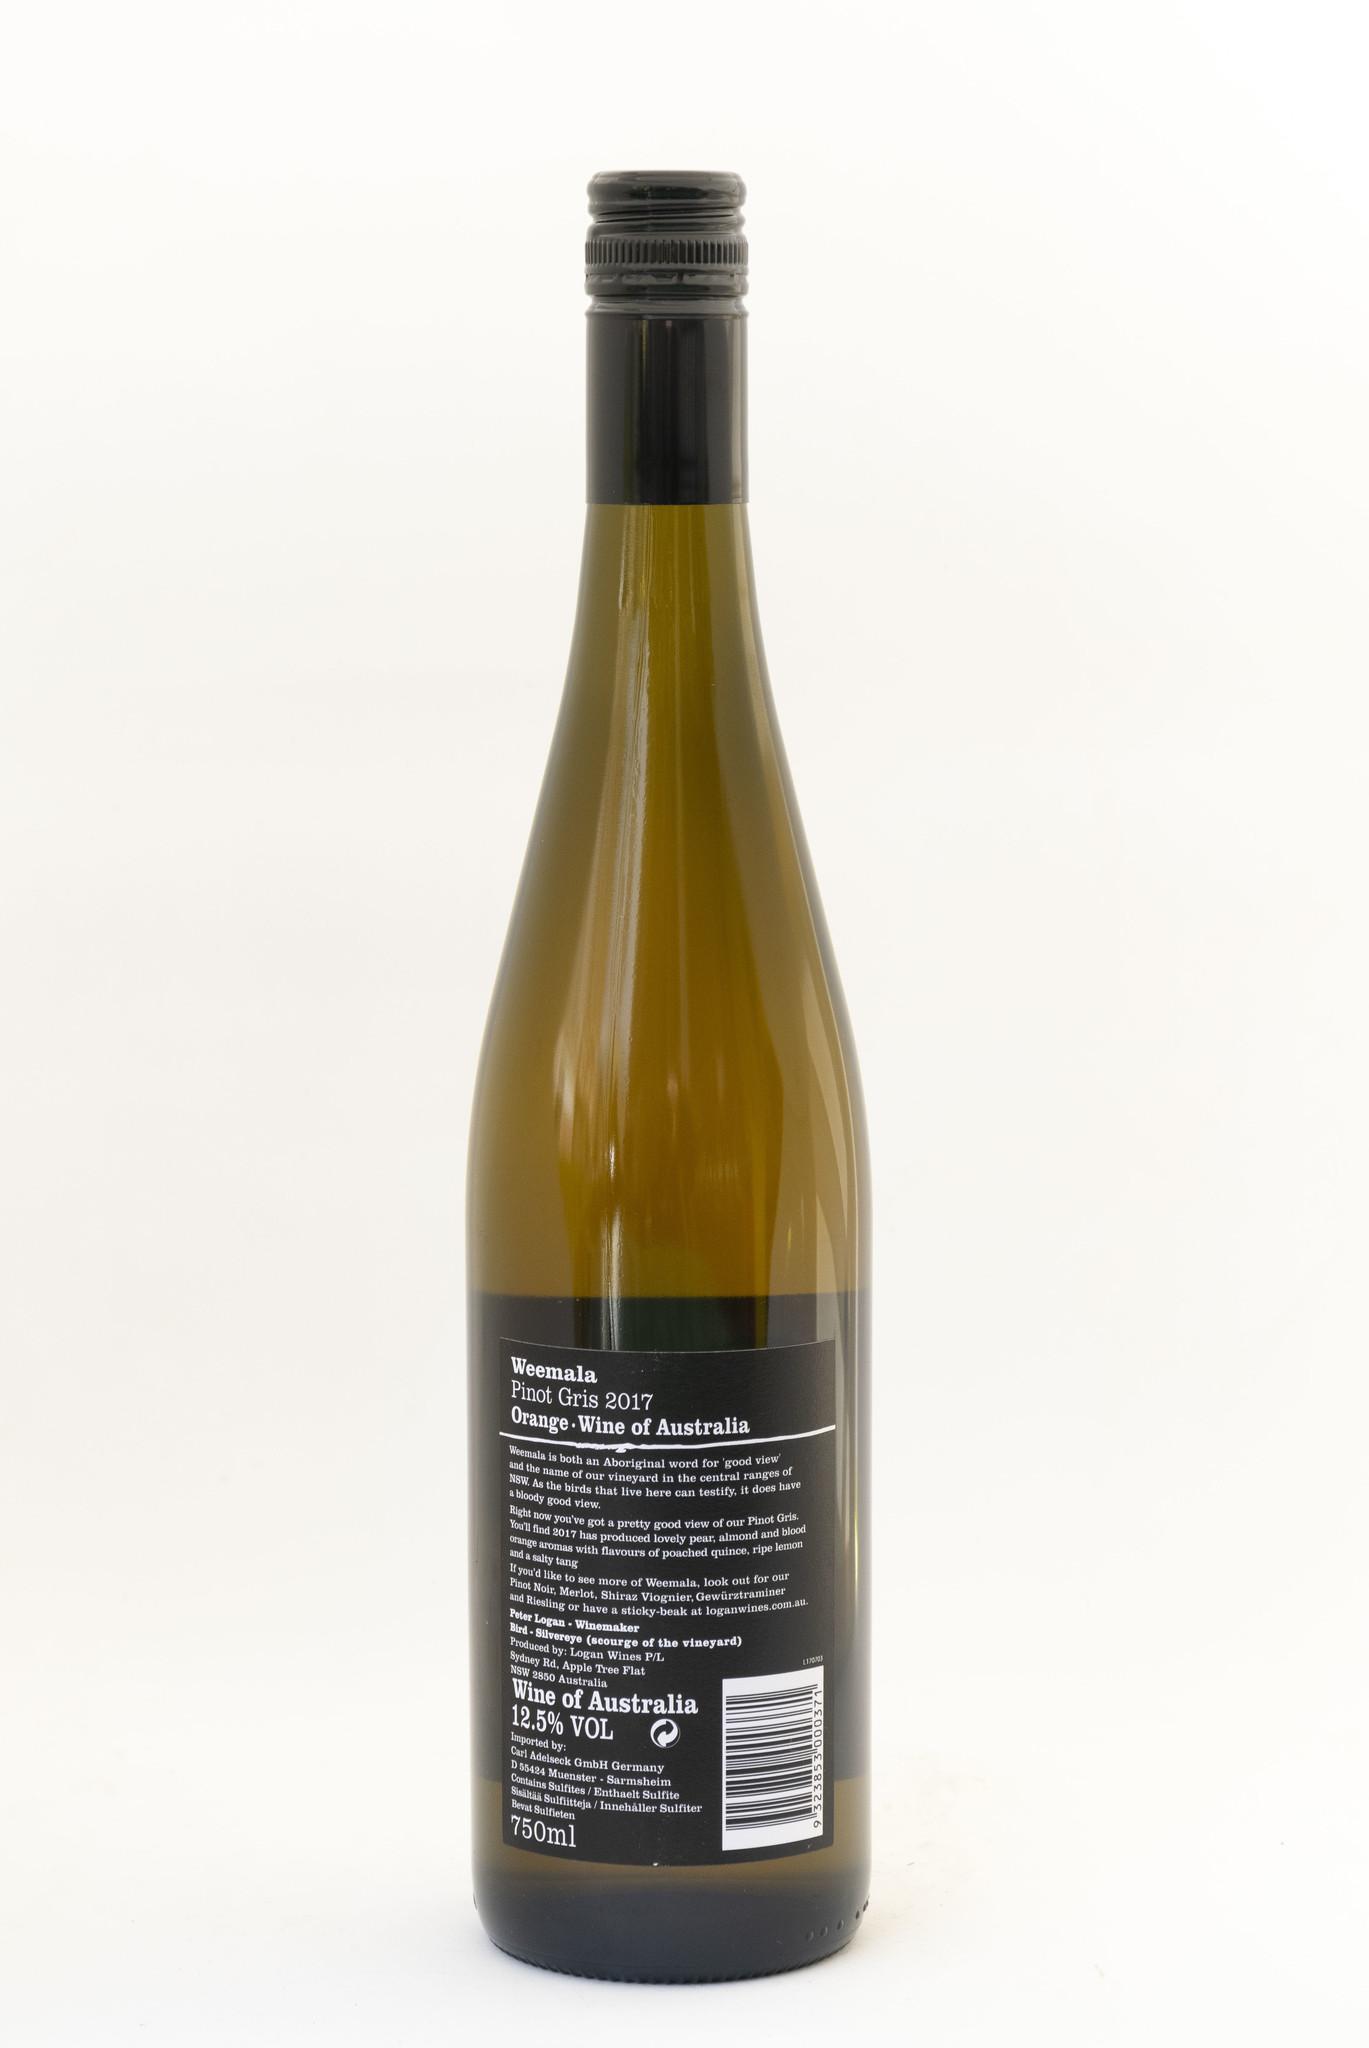 Silver EYE |Orange |Weemala |Logan Wines | Pinot gris